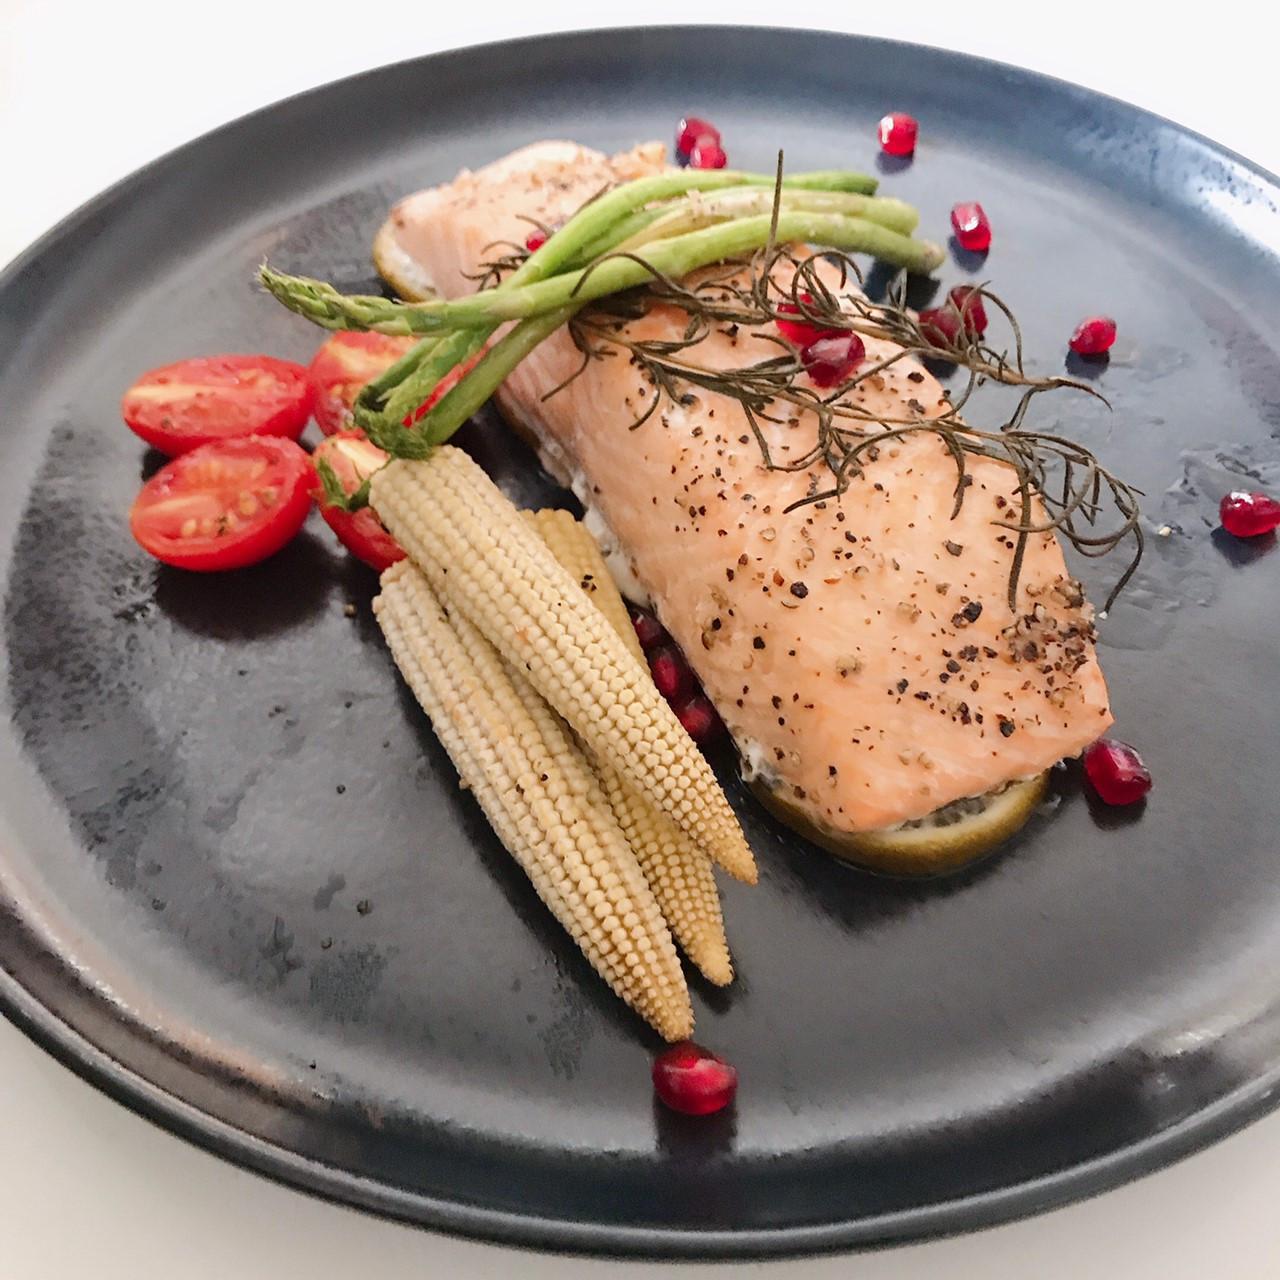 全聯食譜之爸爸回家做晚飯-香烤鮭魚菲力